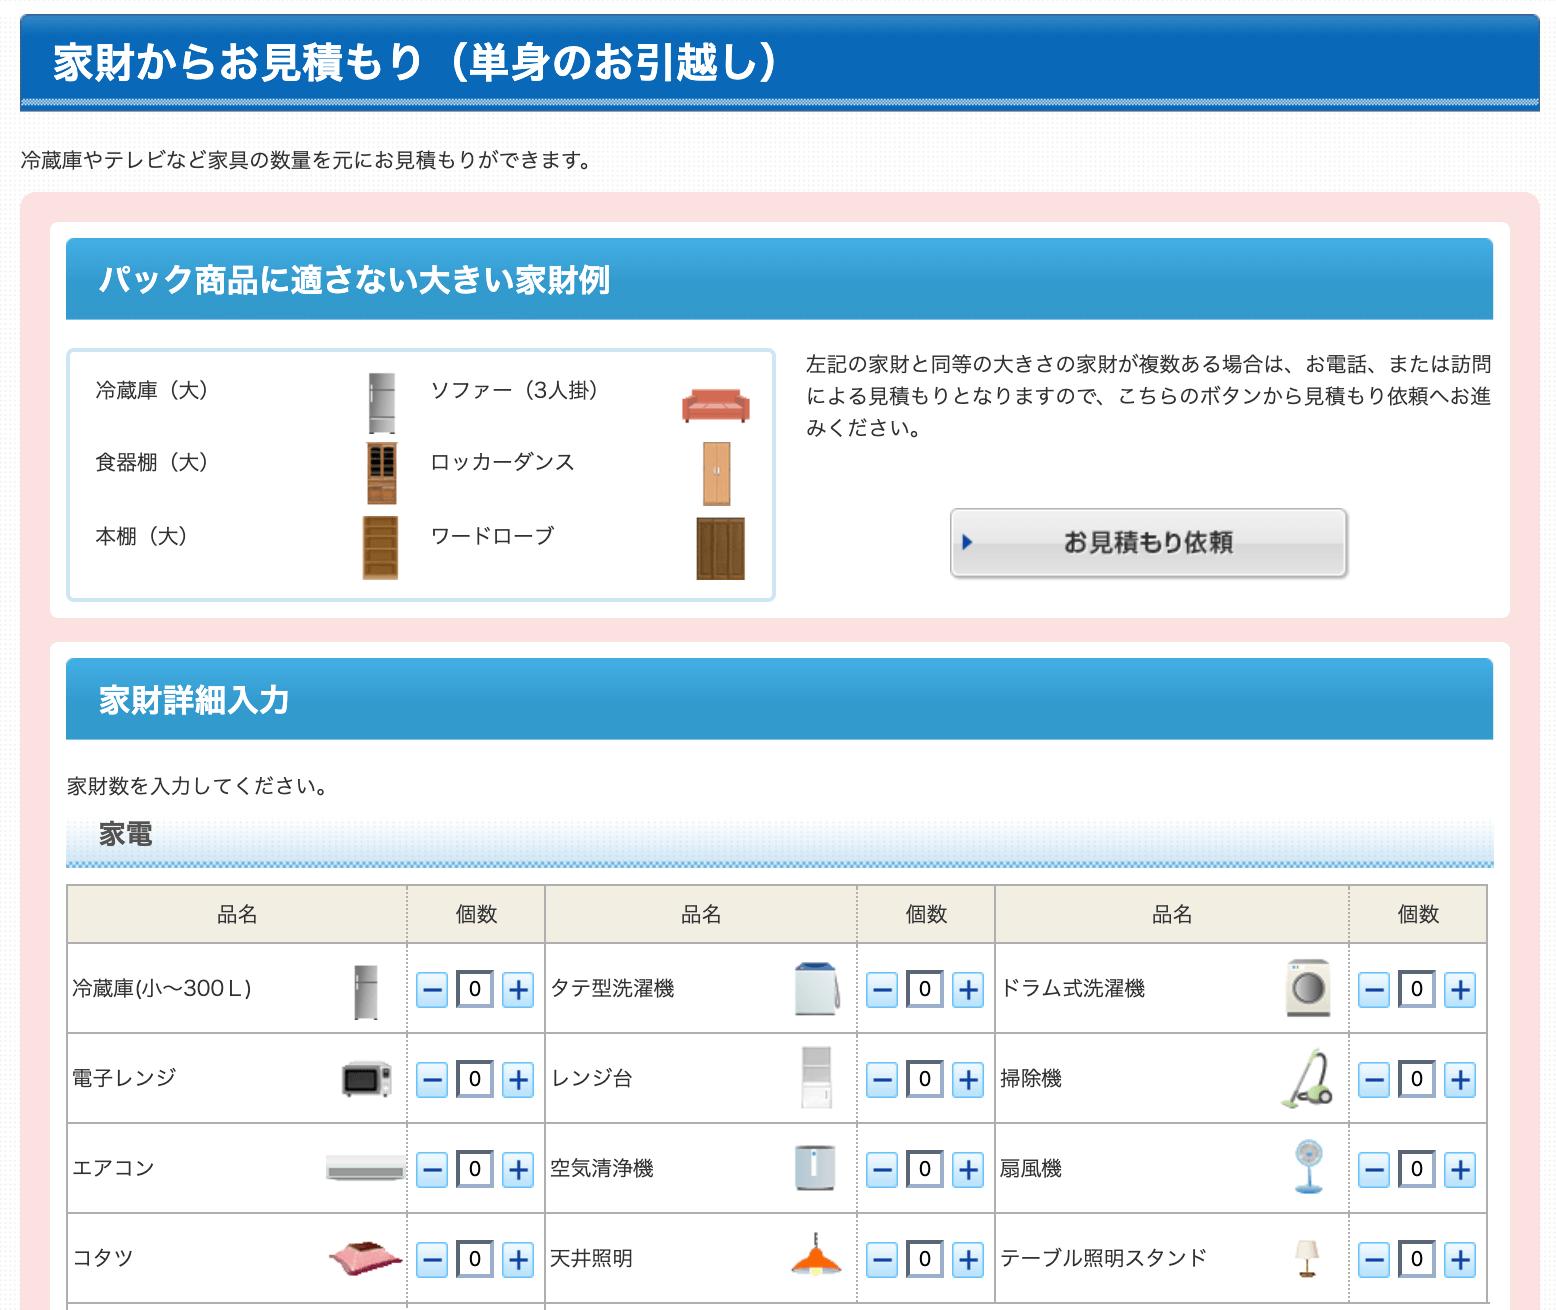 日通の単身パックの荷物入力画面